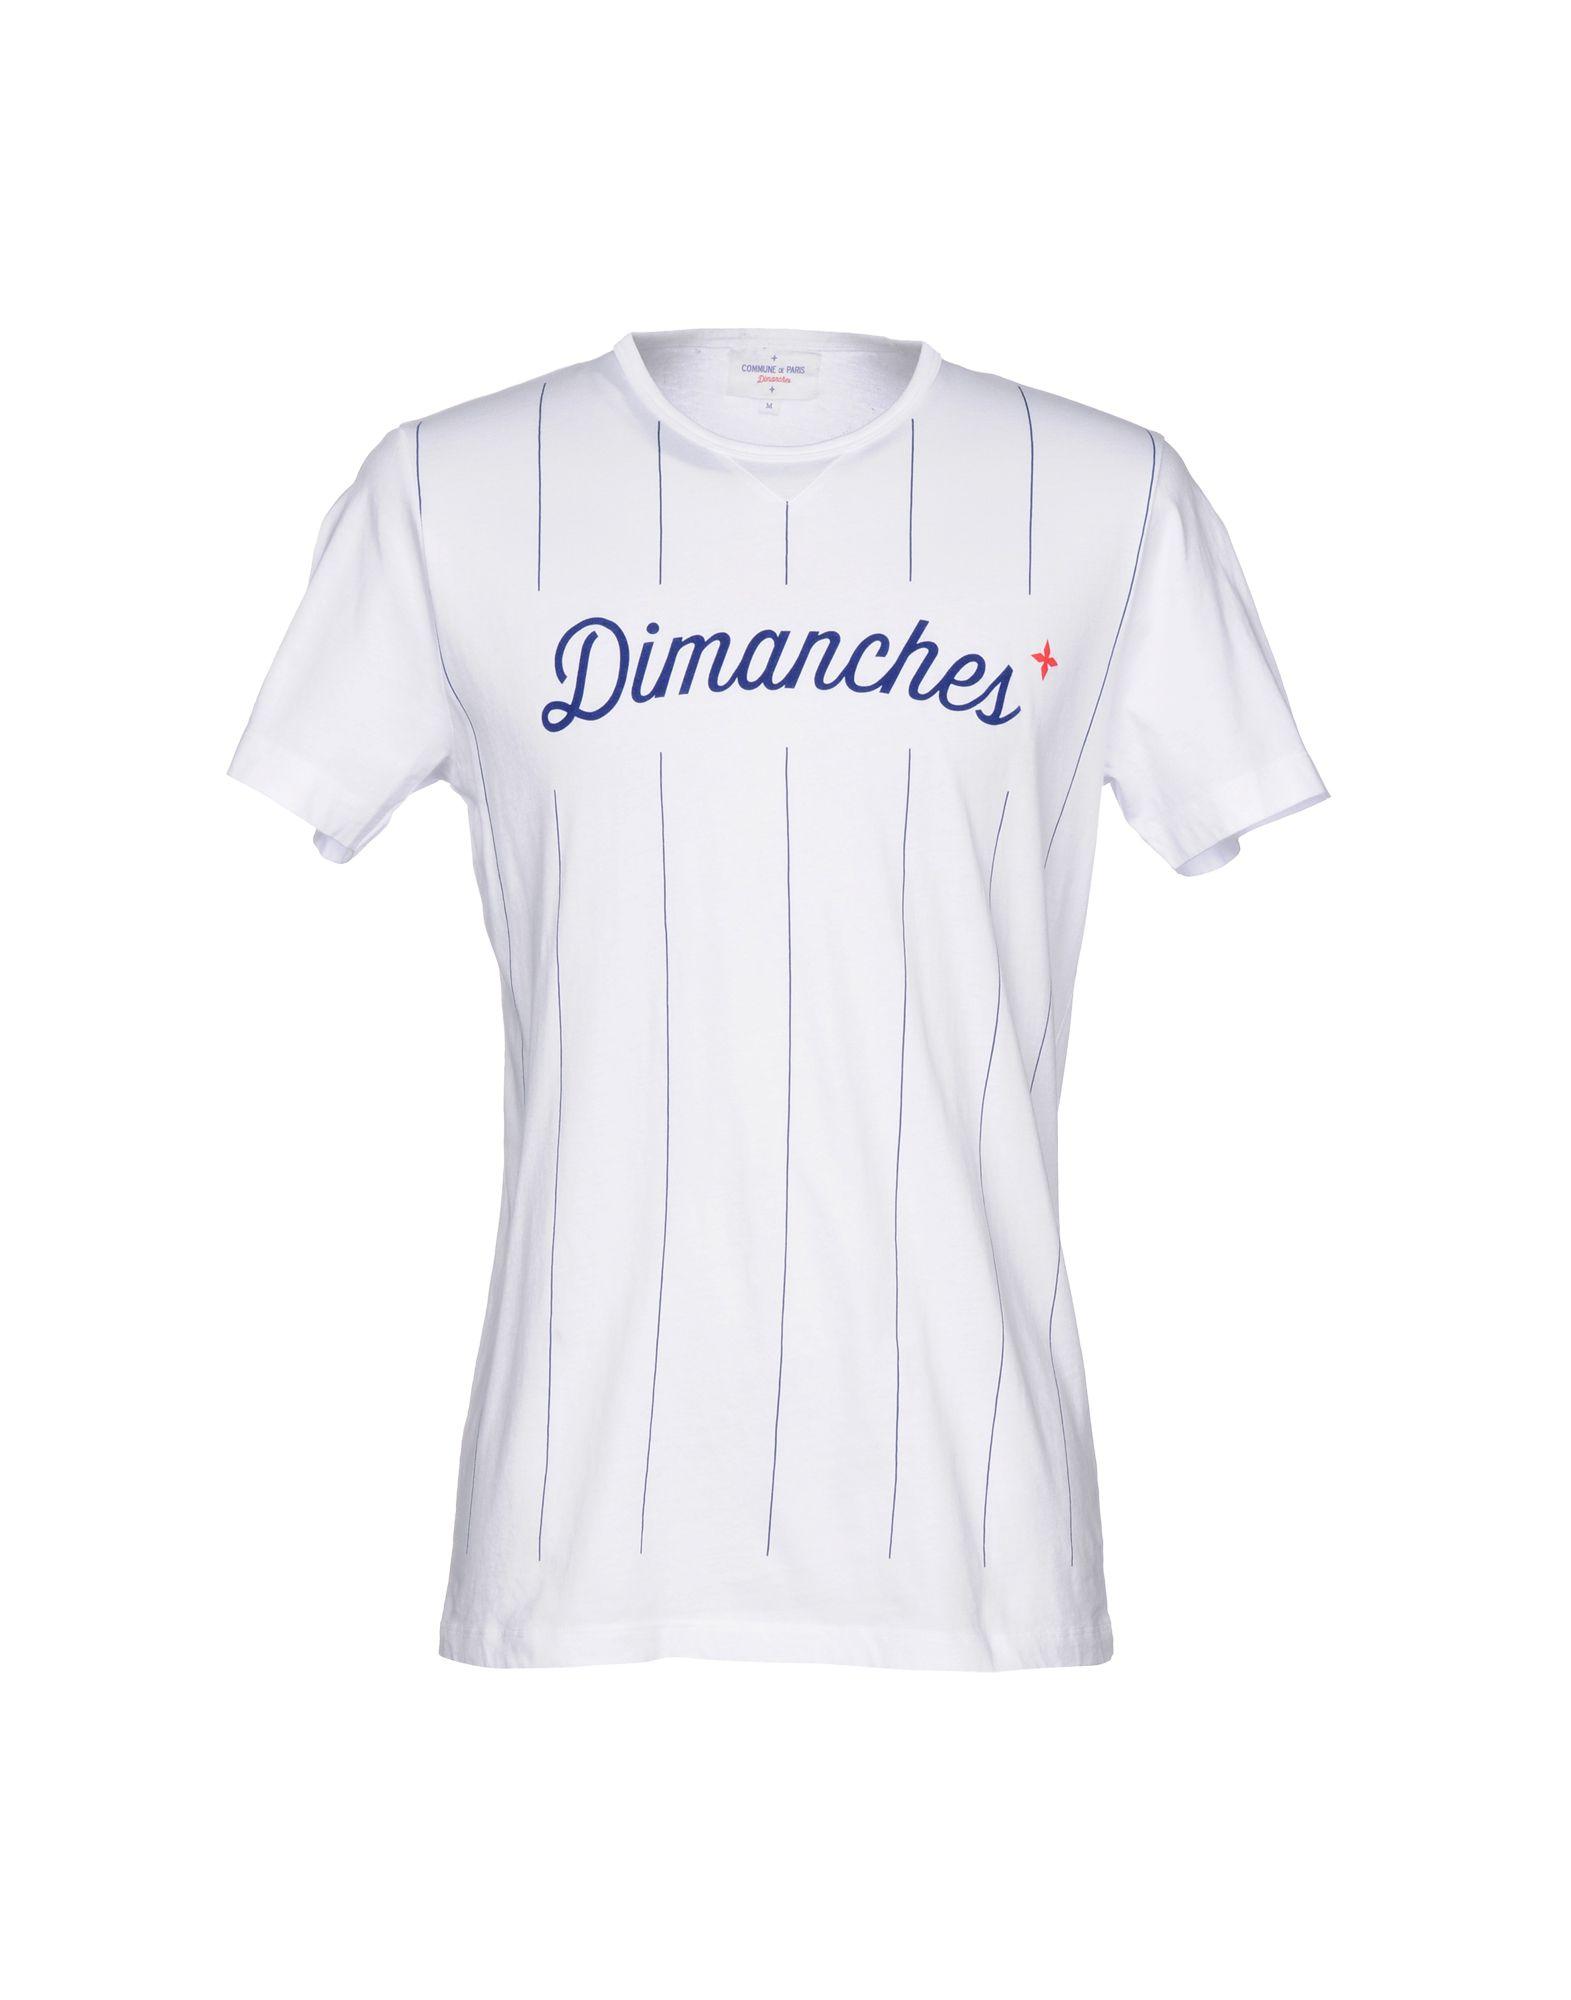 COMMUNE DE PARIS 1871 + DIMANCHES Футболка